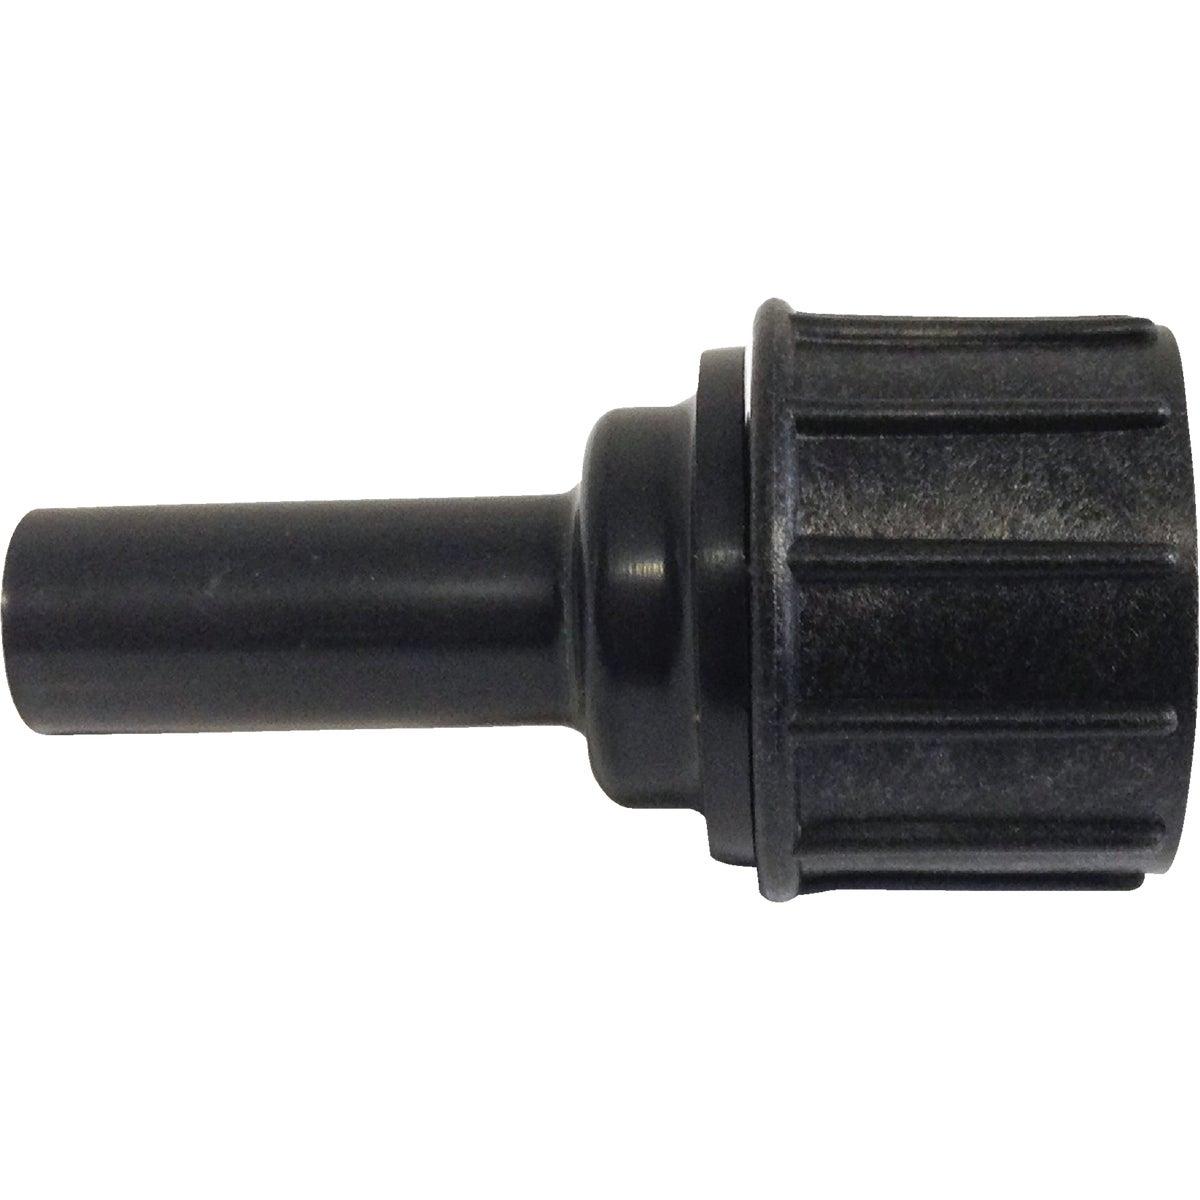 Raindrip Swivel Adapter, R326CT